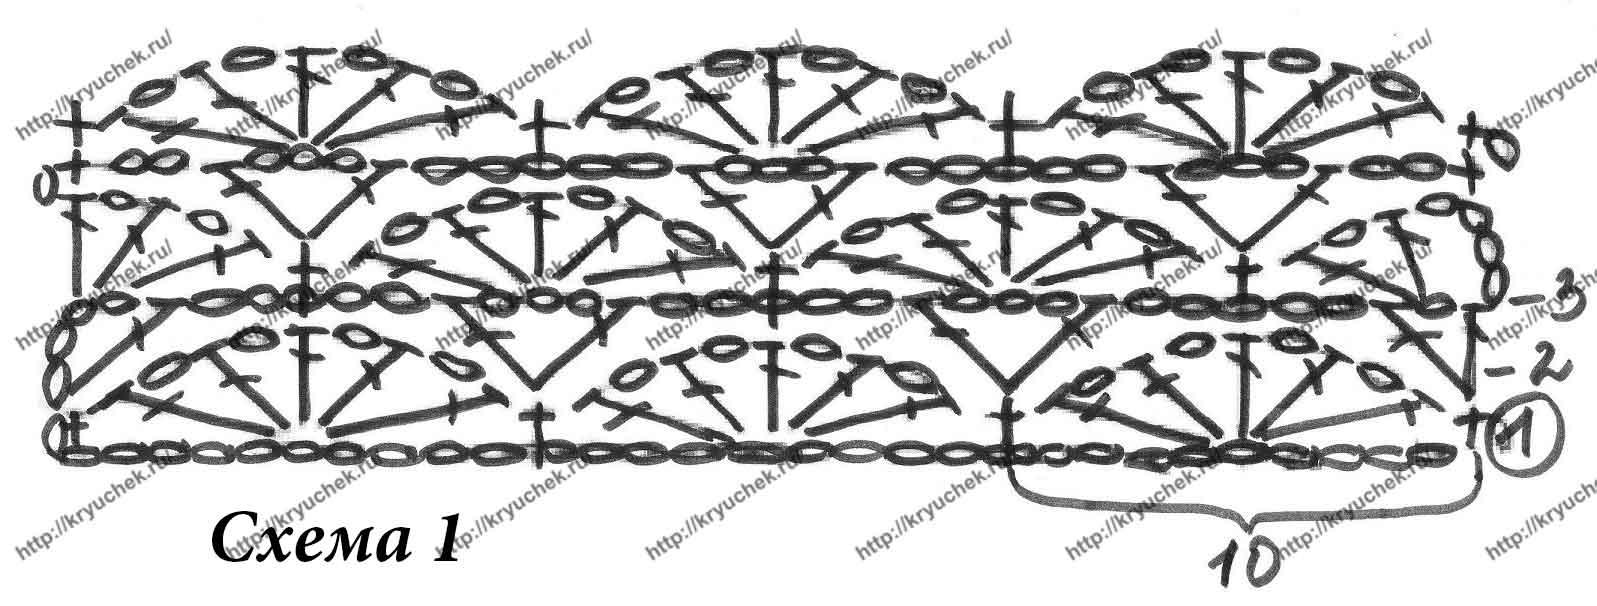 Схема вязания крючком основного узора для болеро